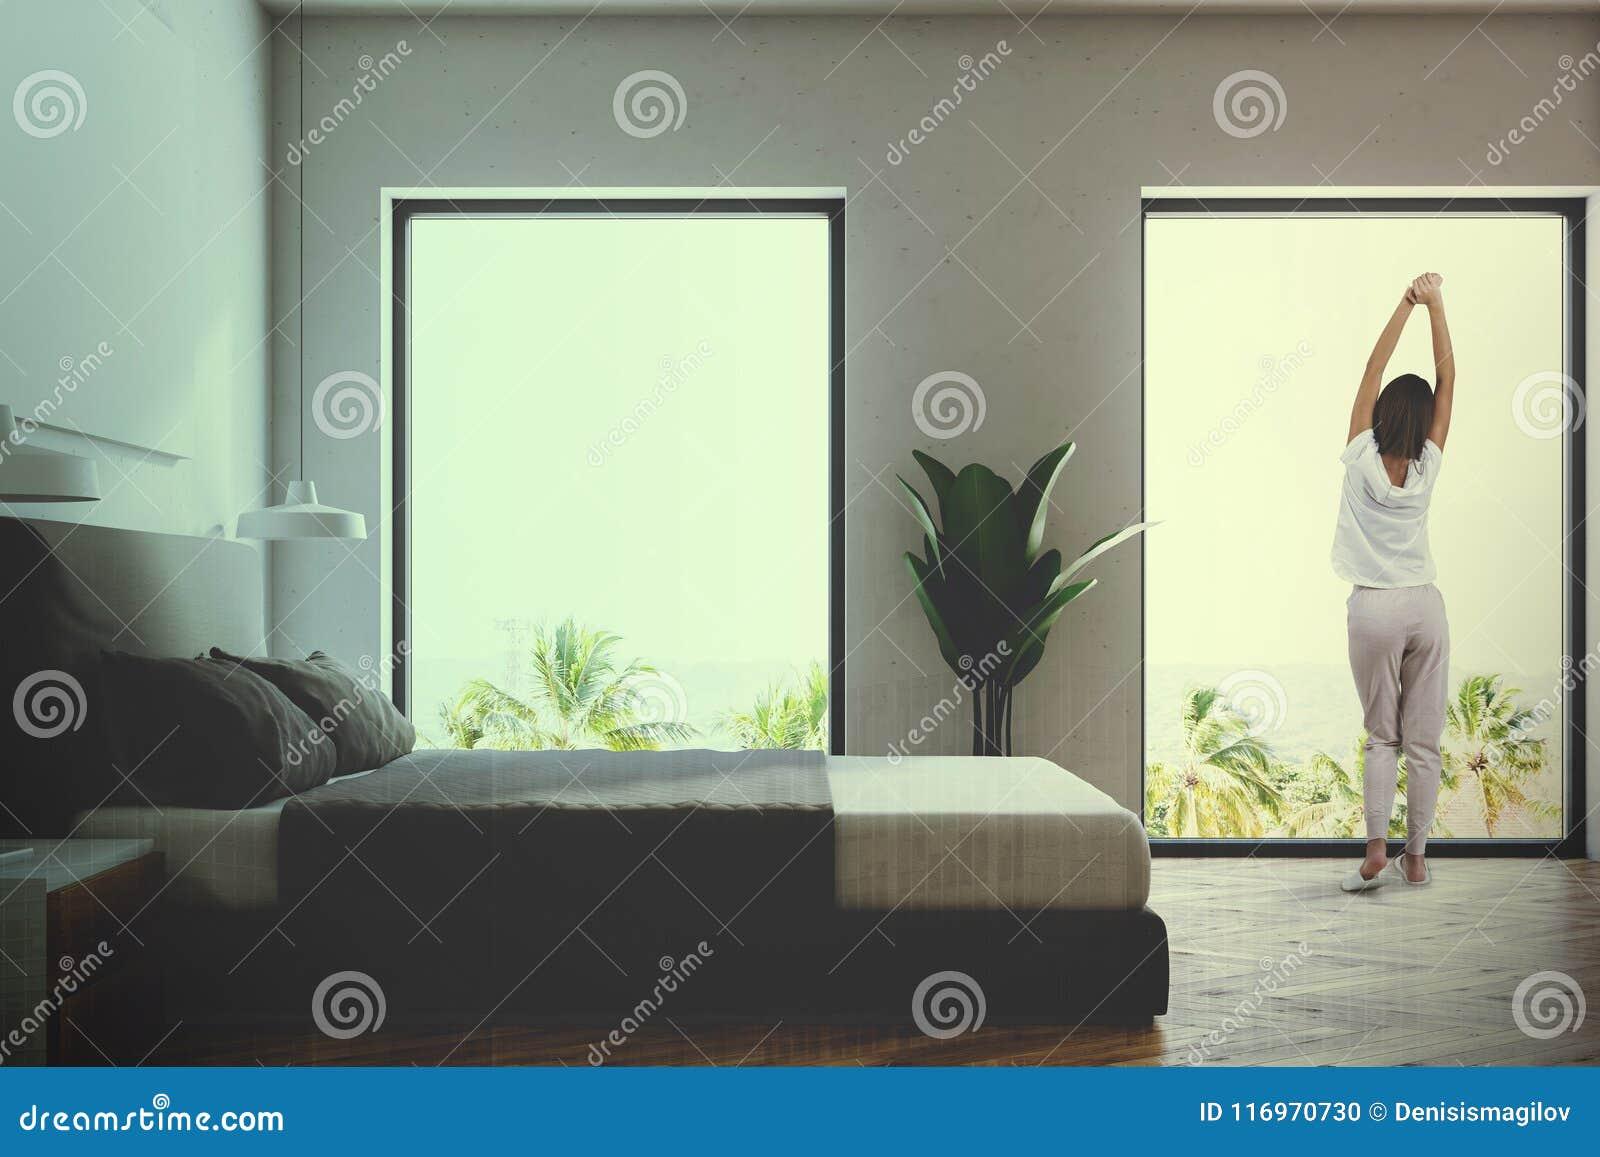 Πλάγια όψη μιας άσπρης κρεβατοκάμαρας που τονίζεται